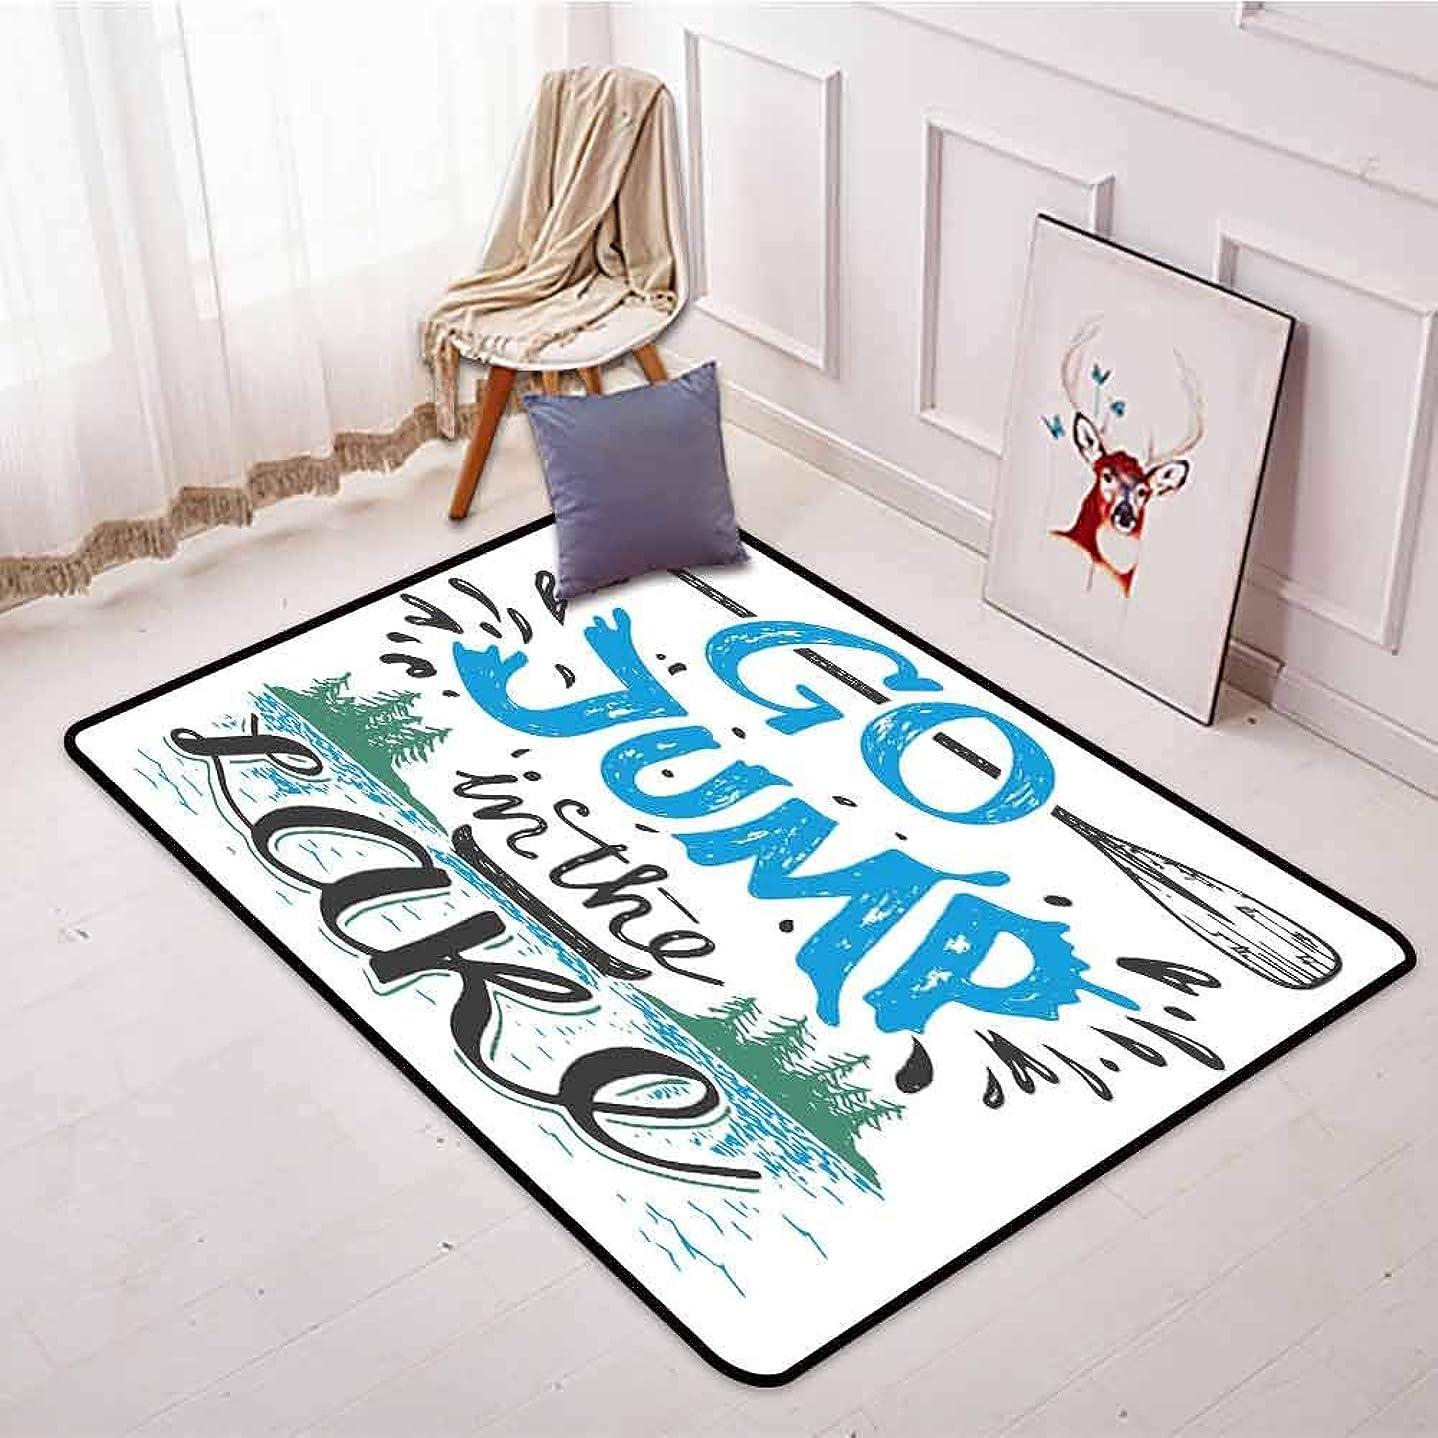 変更可能保護買い手アウトドアパティオラグ キャビンの装飾 動物シルエット レタリング キャンプ 自由 ワイルドなインスピレーション お手入れ簡単 ダークブラウン ホワイト 4'11